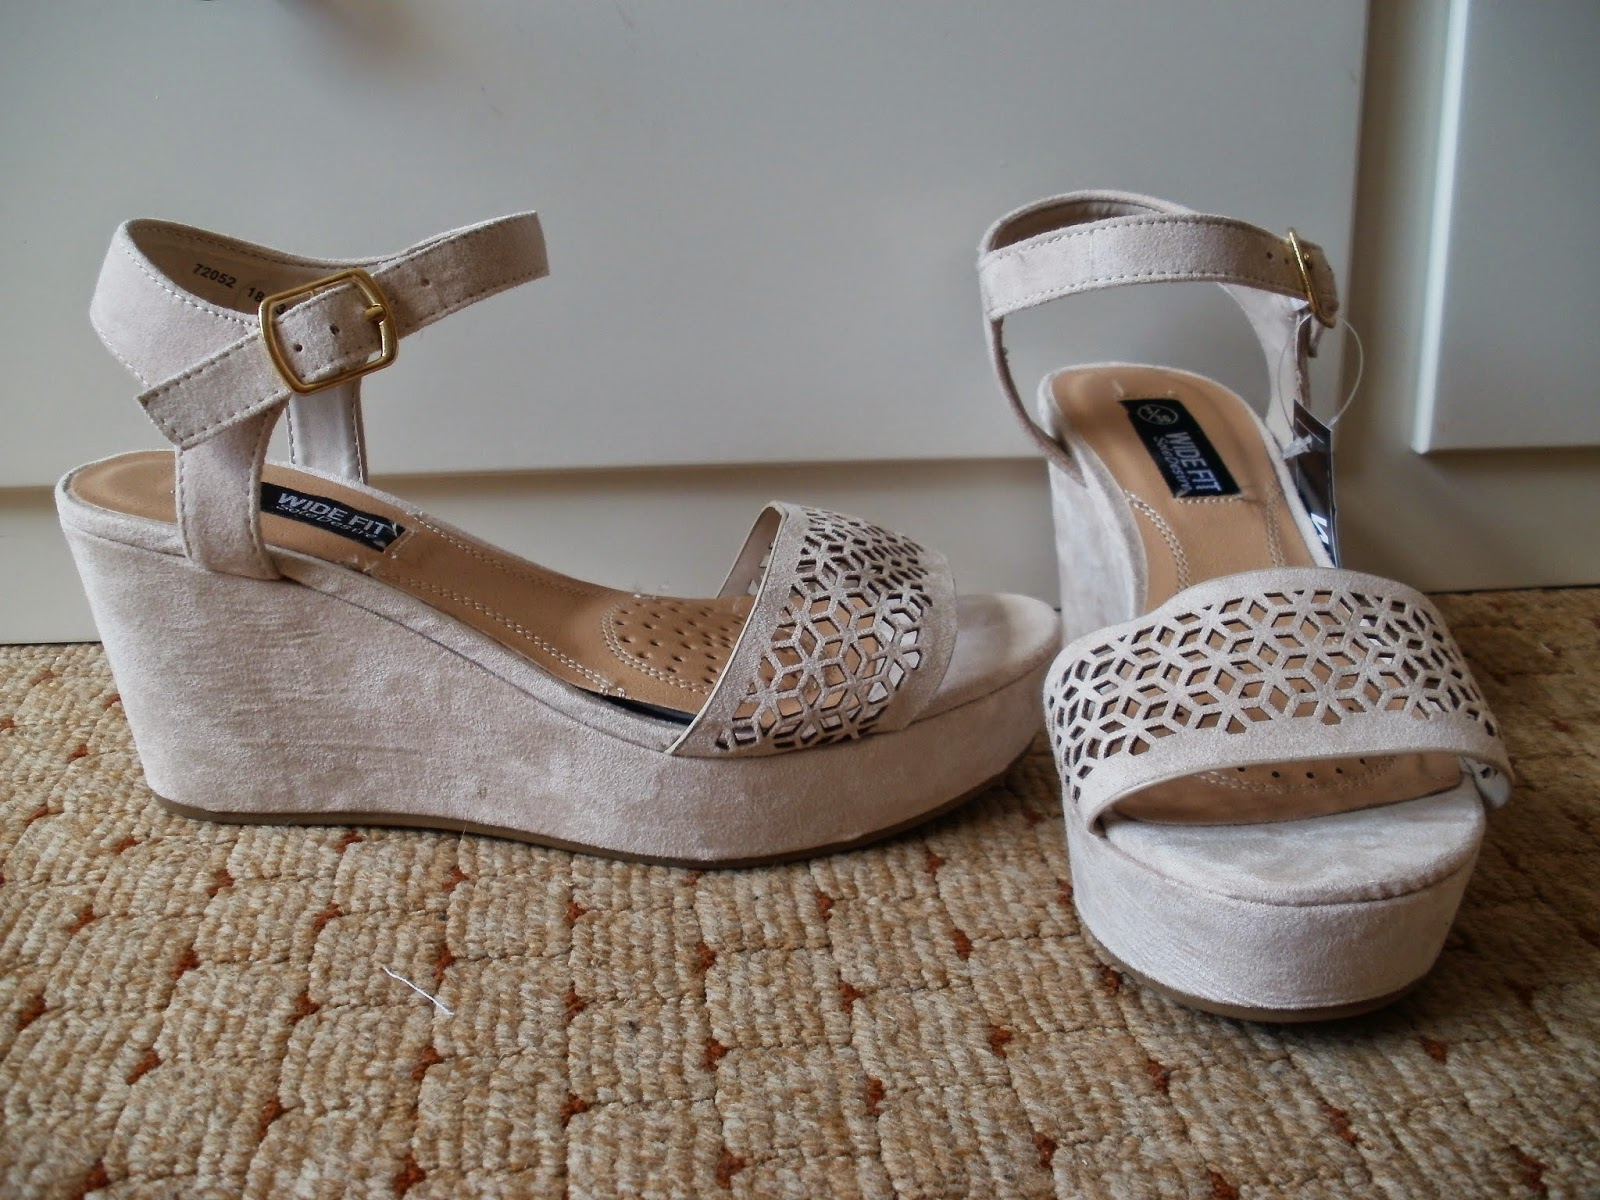 daf2c23937f Porcelain Eleanor: Shoes on a Shoestring #6 Primark Laser Cut Low Wedge